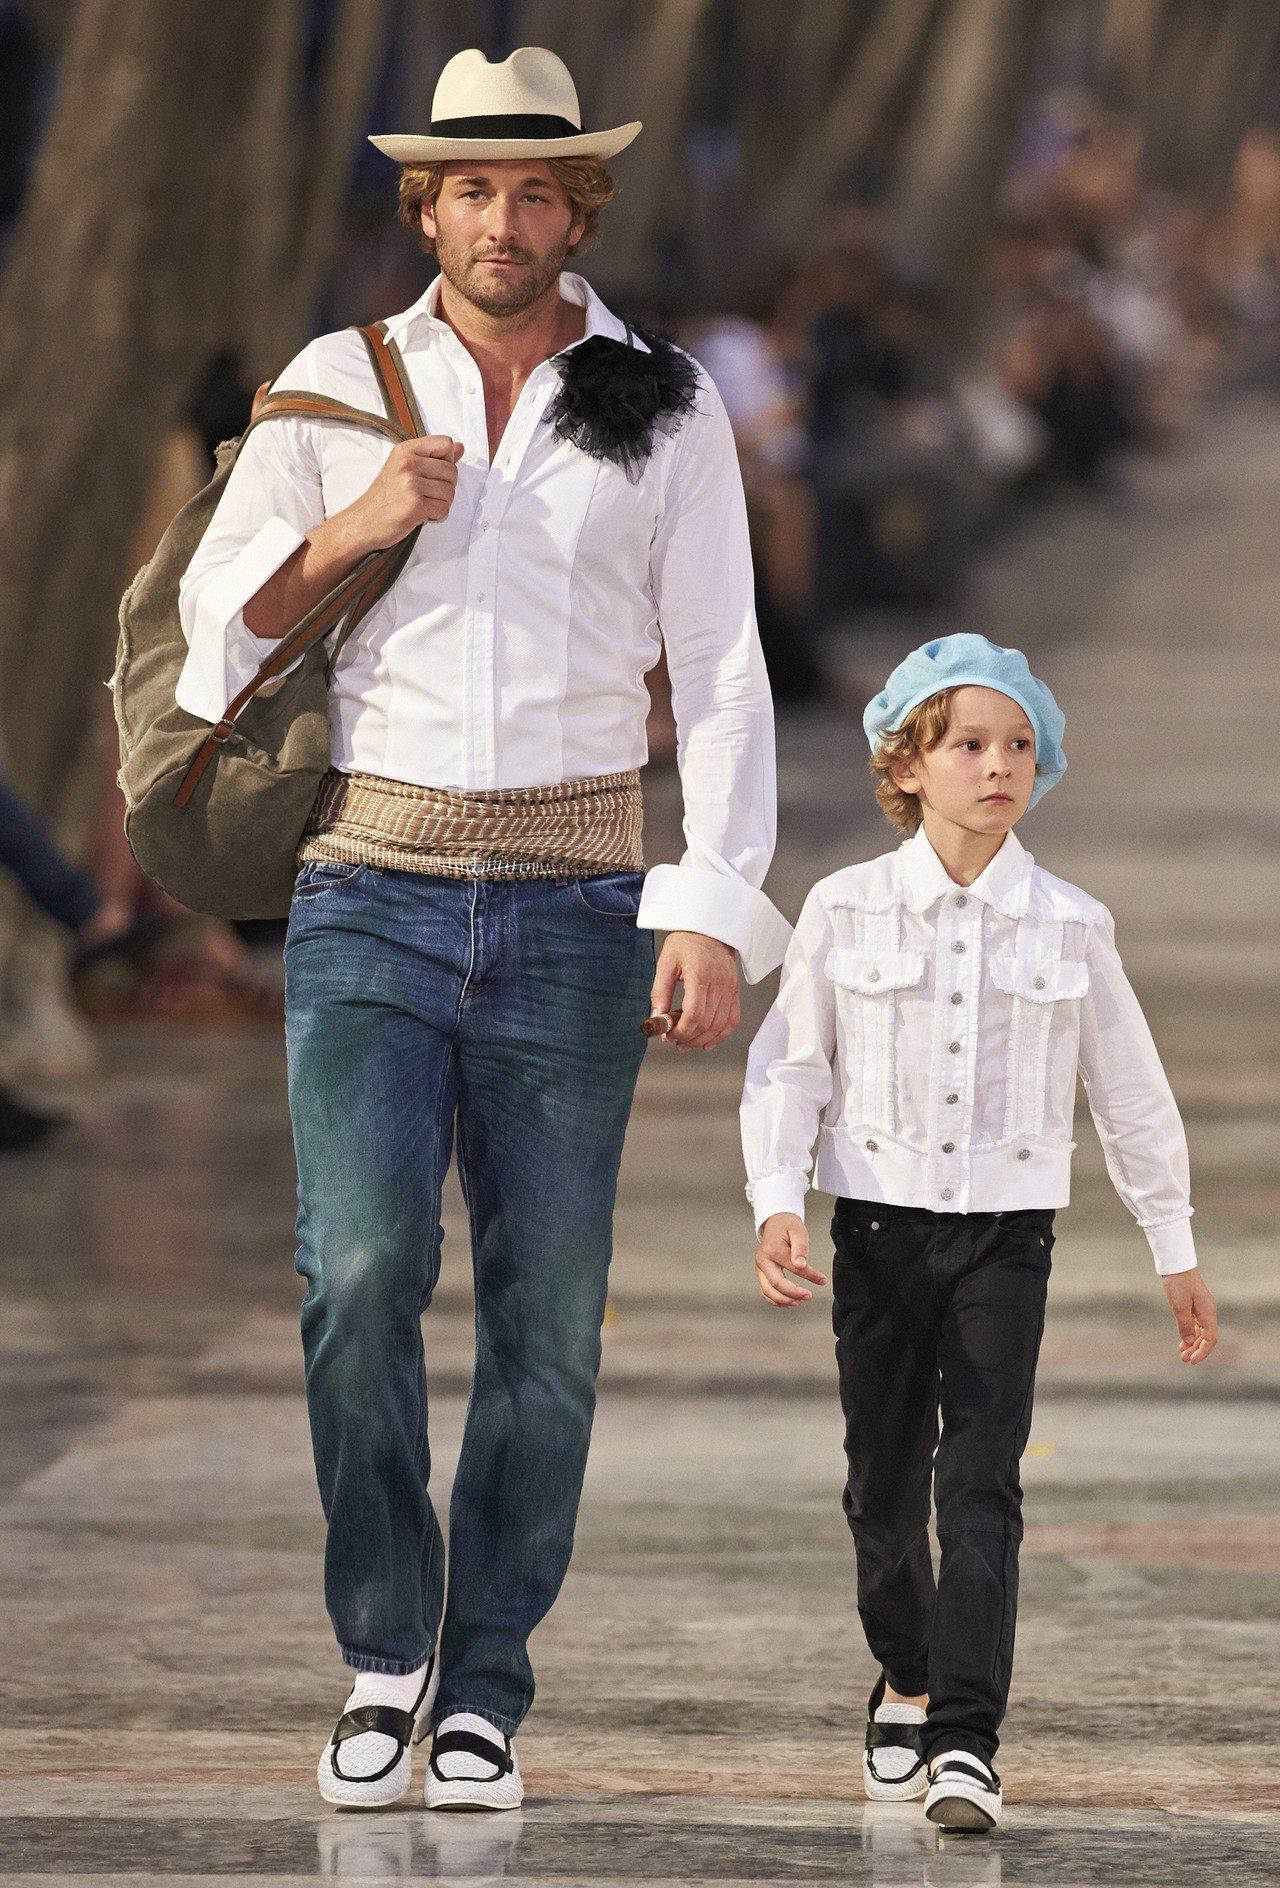 男模布拉德柯羅尼格與兒子哈德森柯羅尼格為香奈兒走秀。圖/香奈兒提供